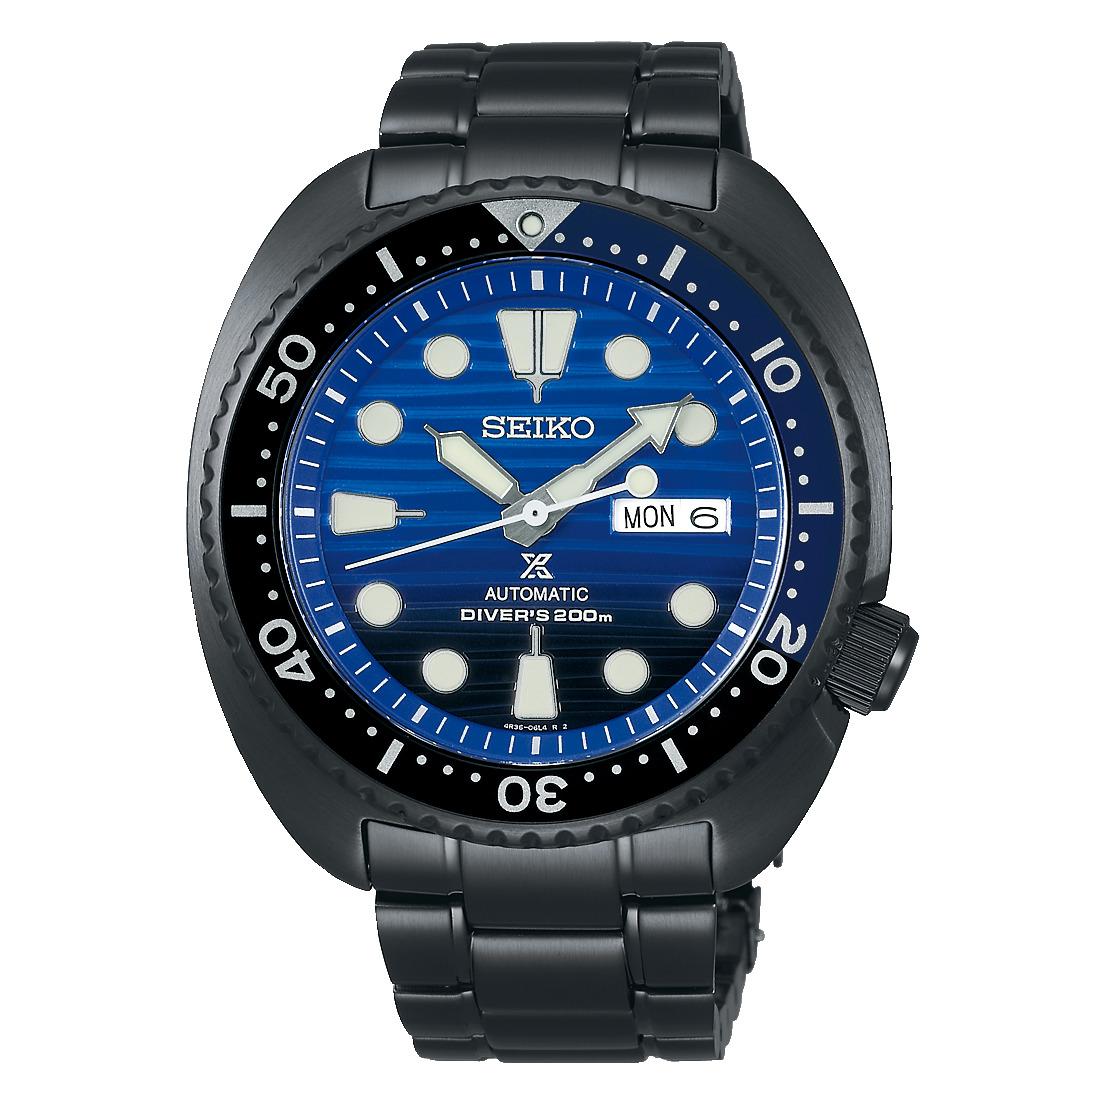 正規品 SEIKO PROSPEX セイコー プロスペックス SBDY027 セーブ・ジ・オーシャン スペシャルエディション 腕時計